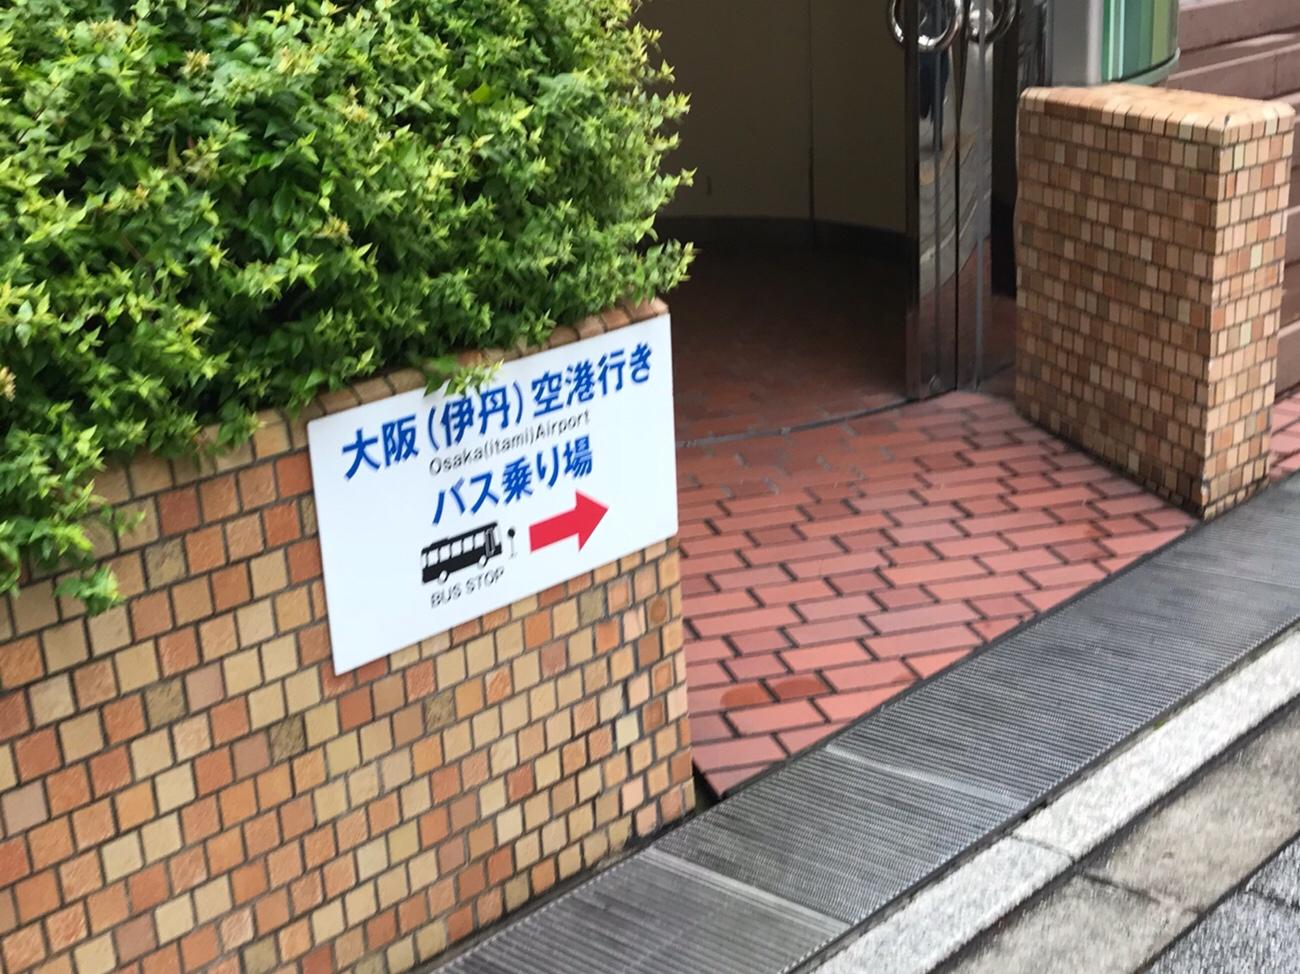 大阪丸ビルから伊丹空港へのリムジンバス乗り場